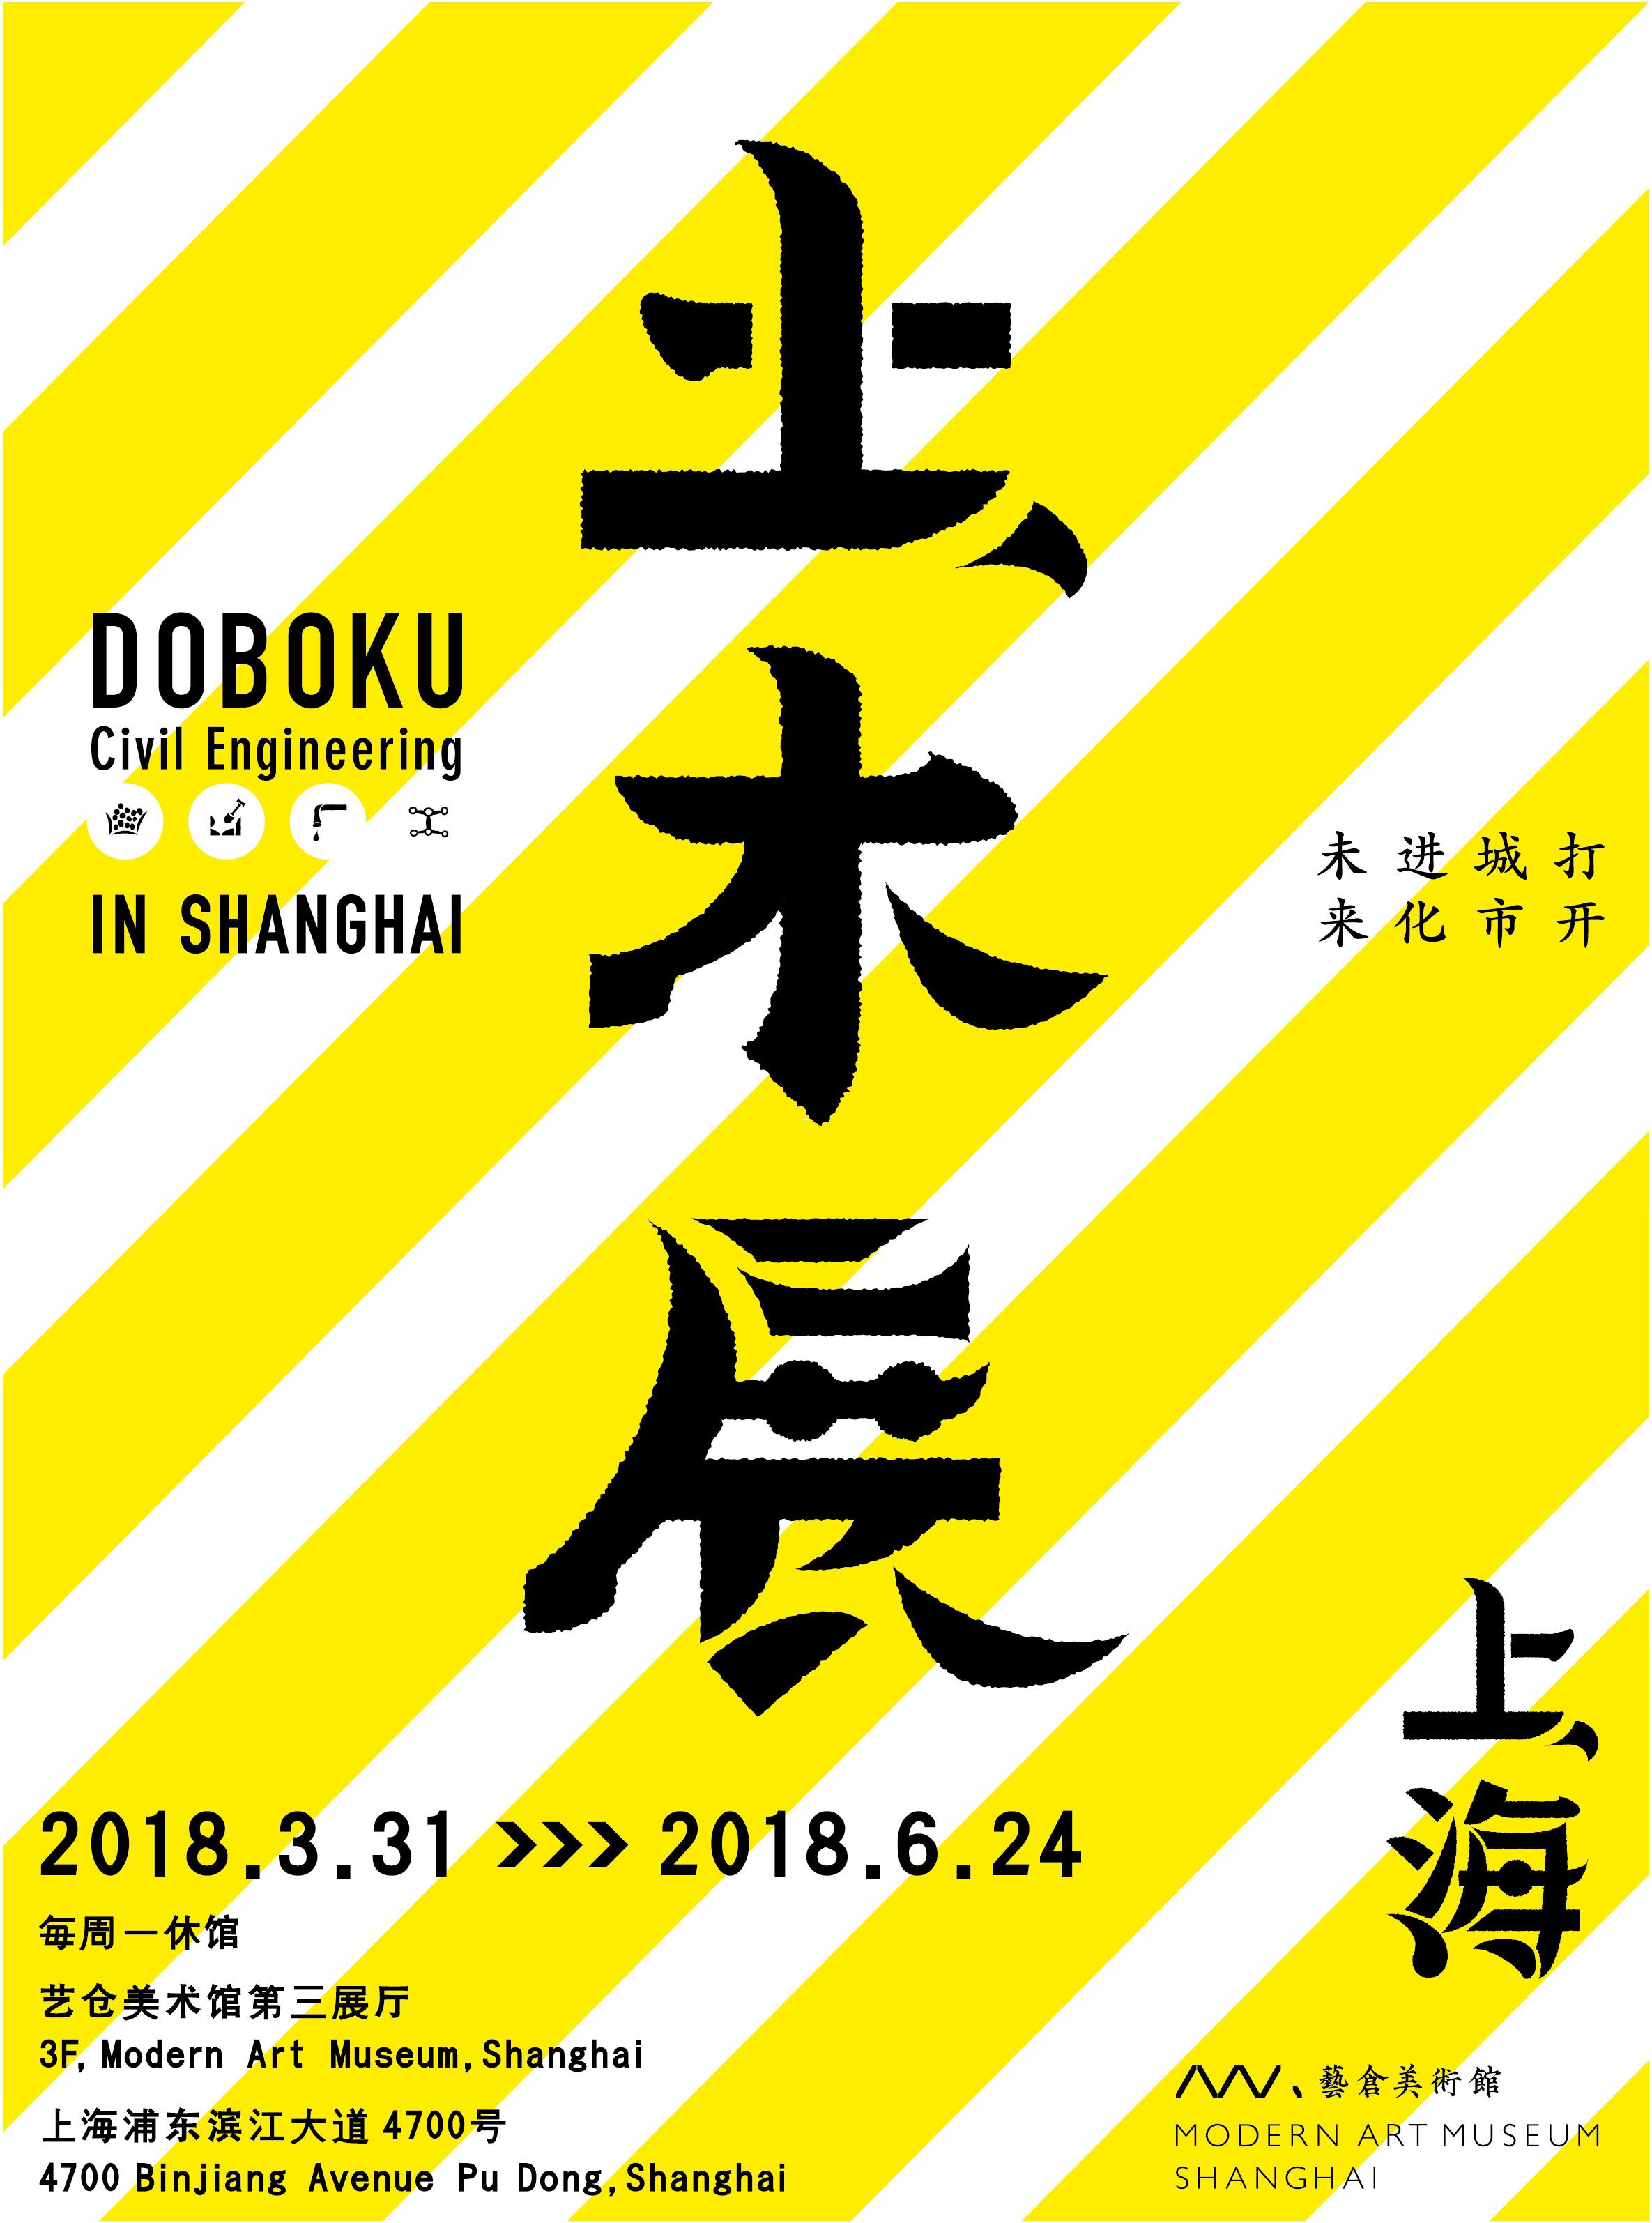 180126_doboku_shanhai_matome